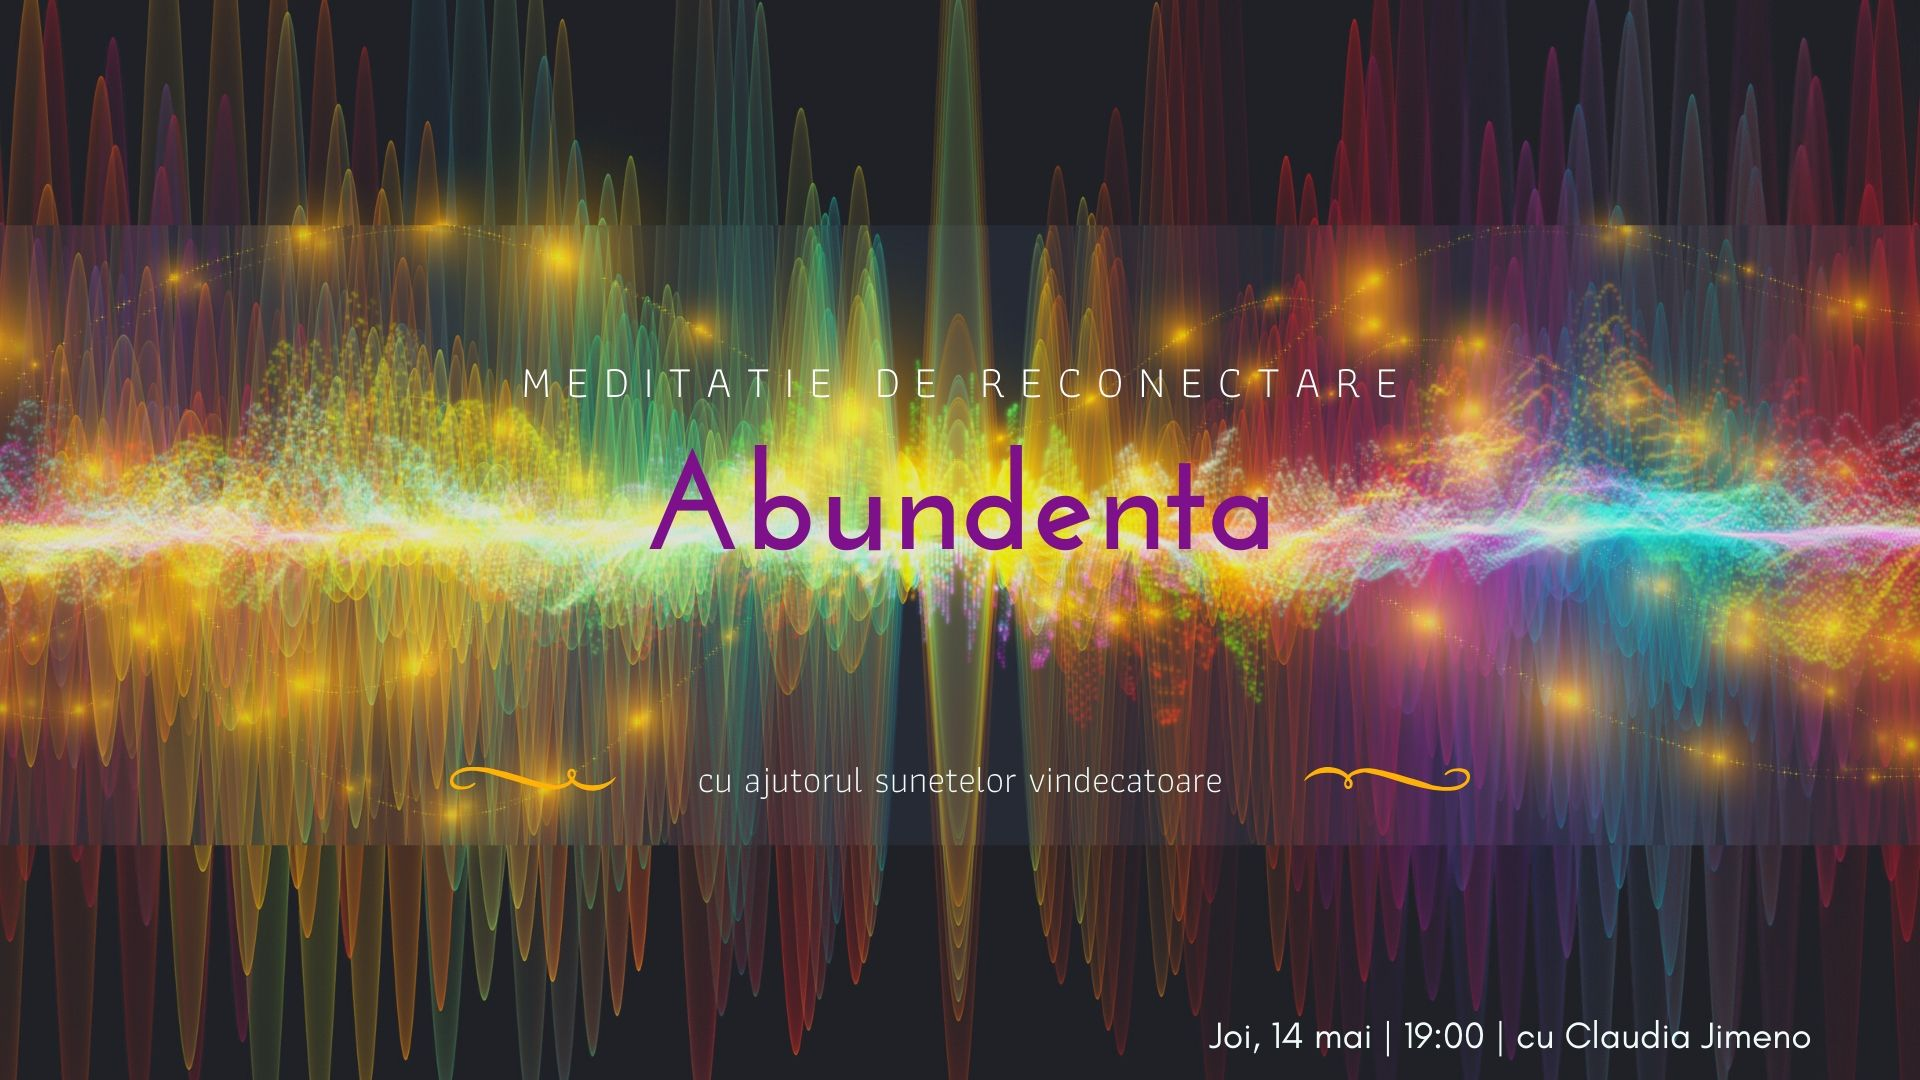 Meditatie cu sunete vindecatoare | abundenta